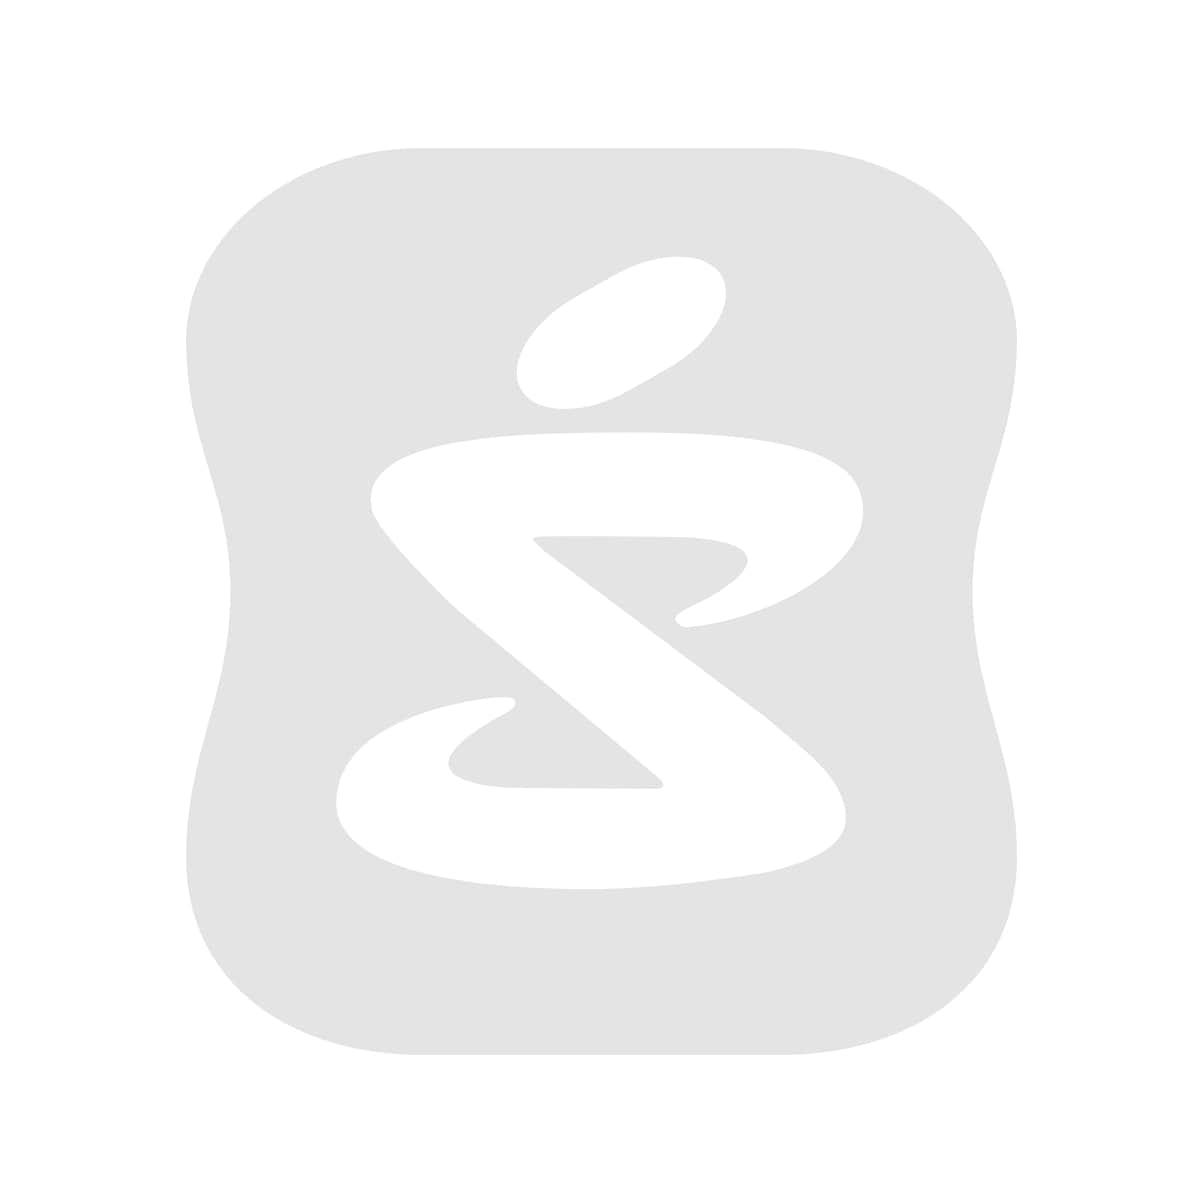 Nivea Men Deep Clean Shave